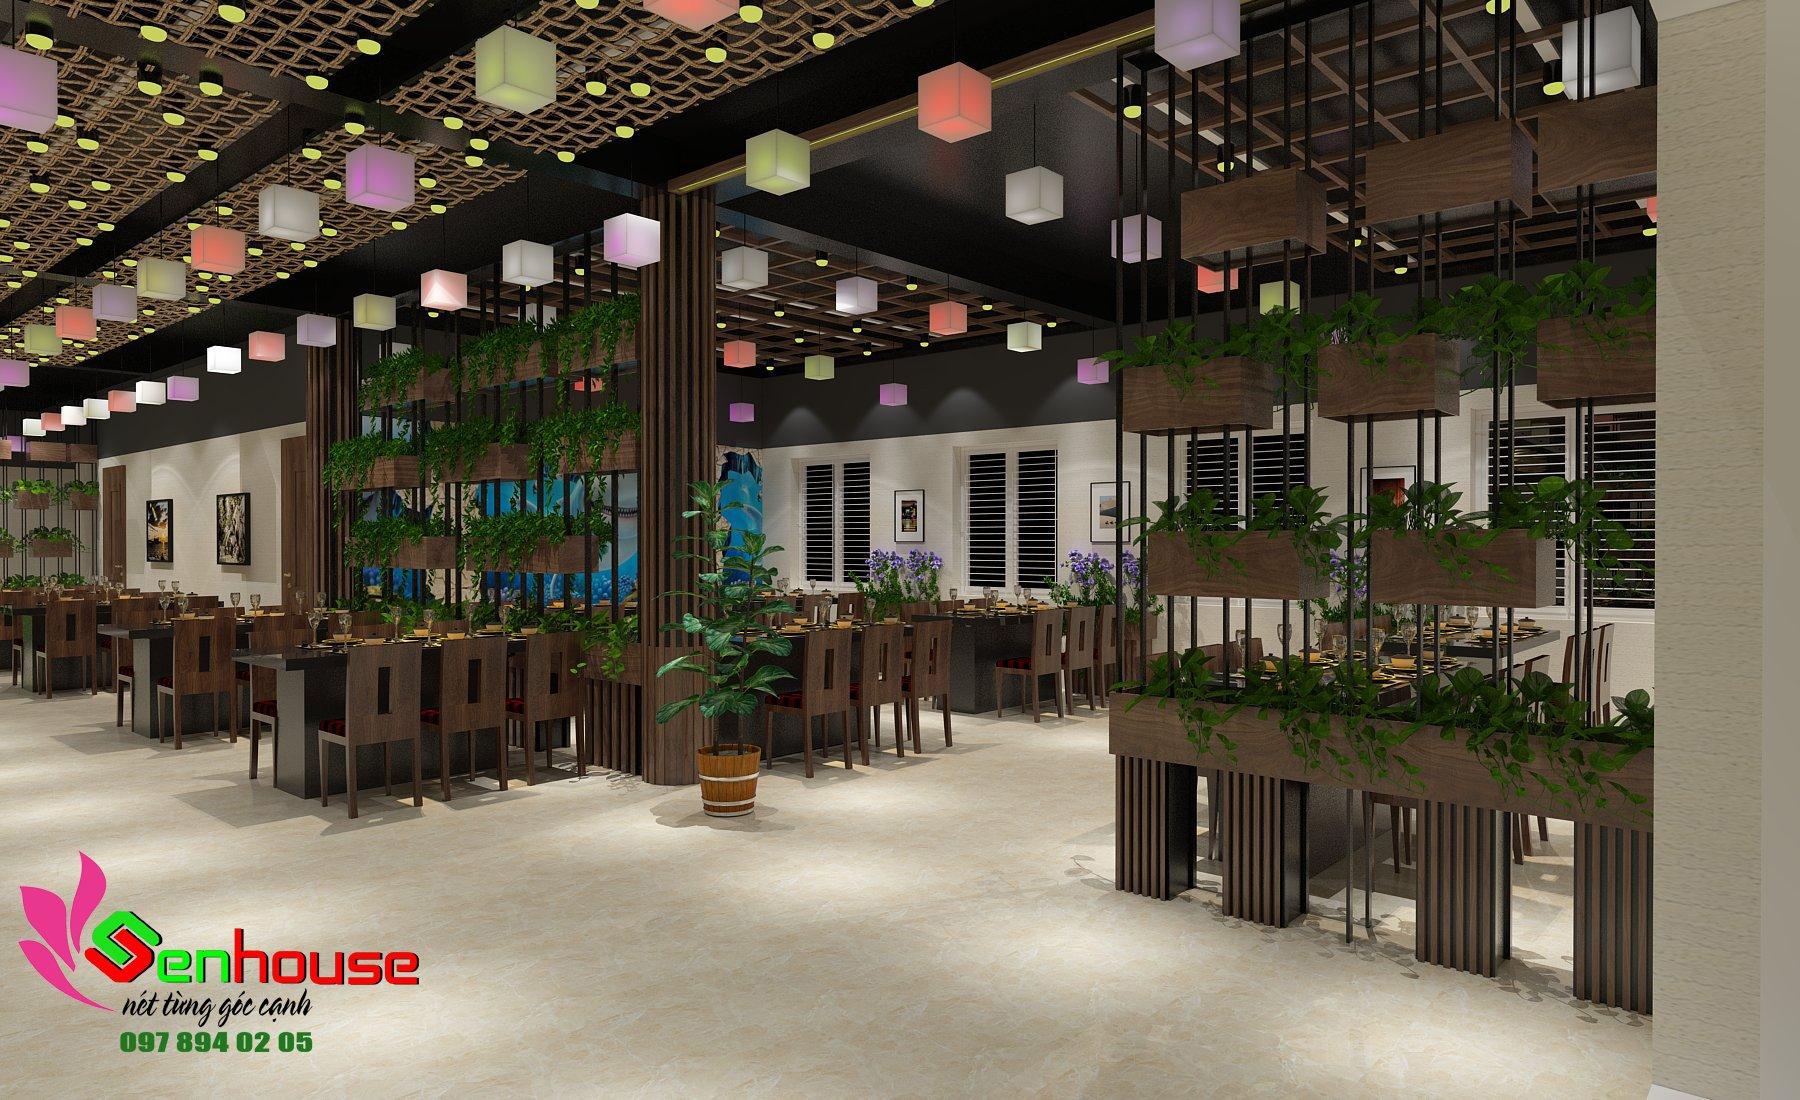 Cây xanh kết hợp nội thất tạo không gian sang trọng